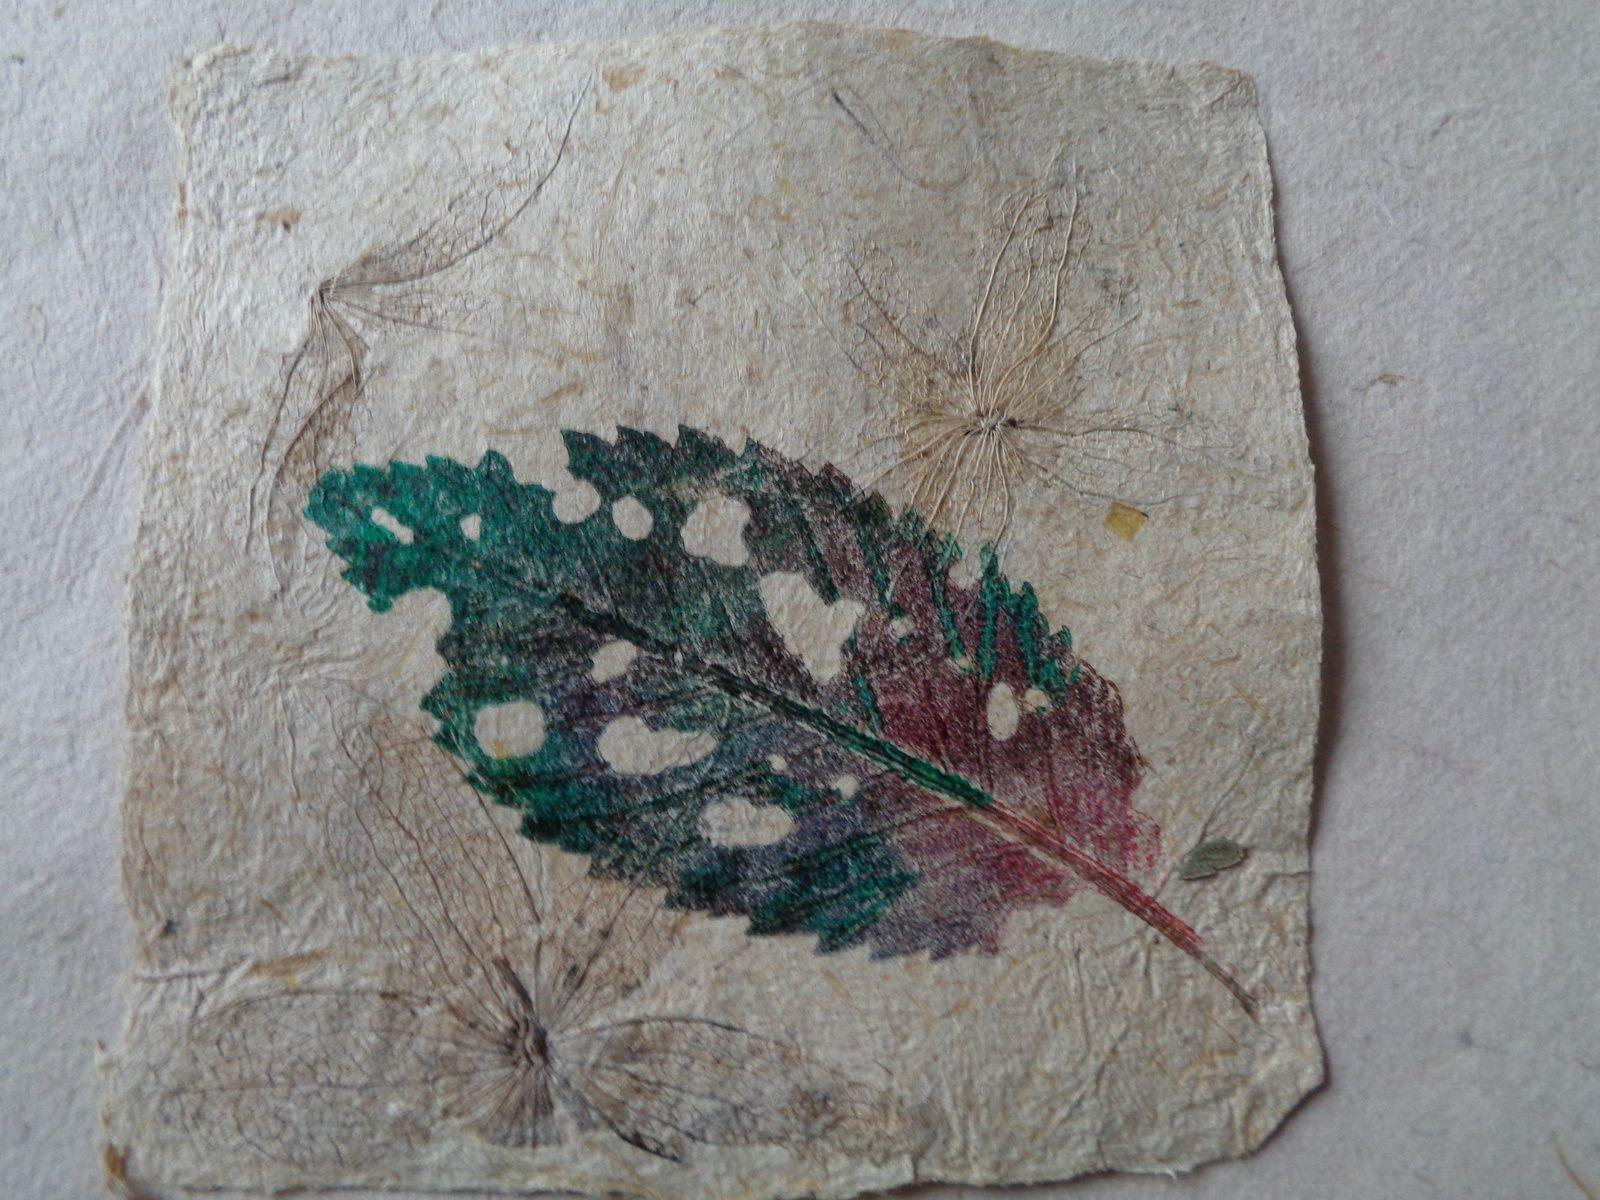 Monotypes de végétaux sur papiers de plantes (bambou, orange, yucca,tomate, lapacho, coqueret, ortie,chanvre, ....)